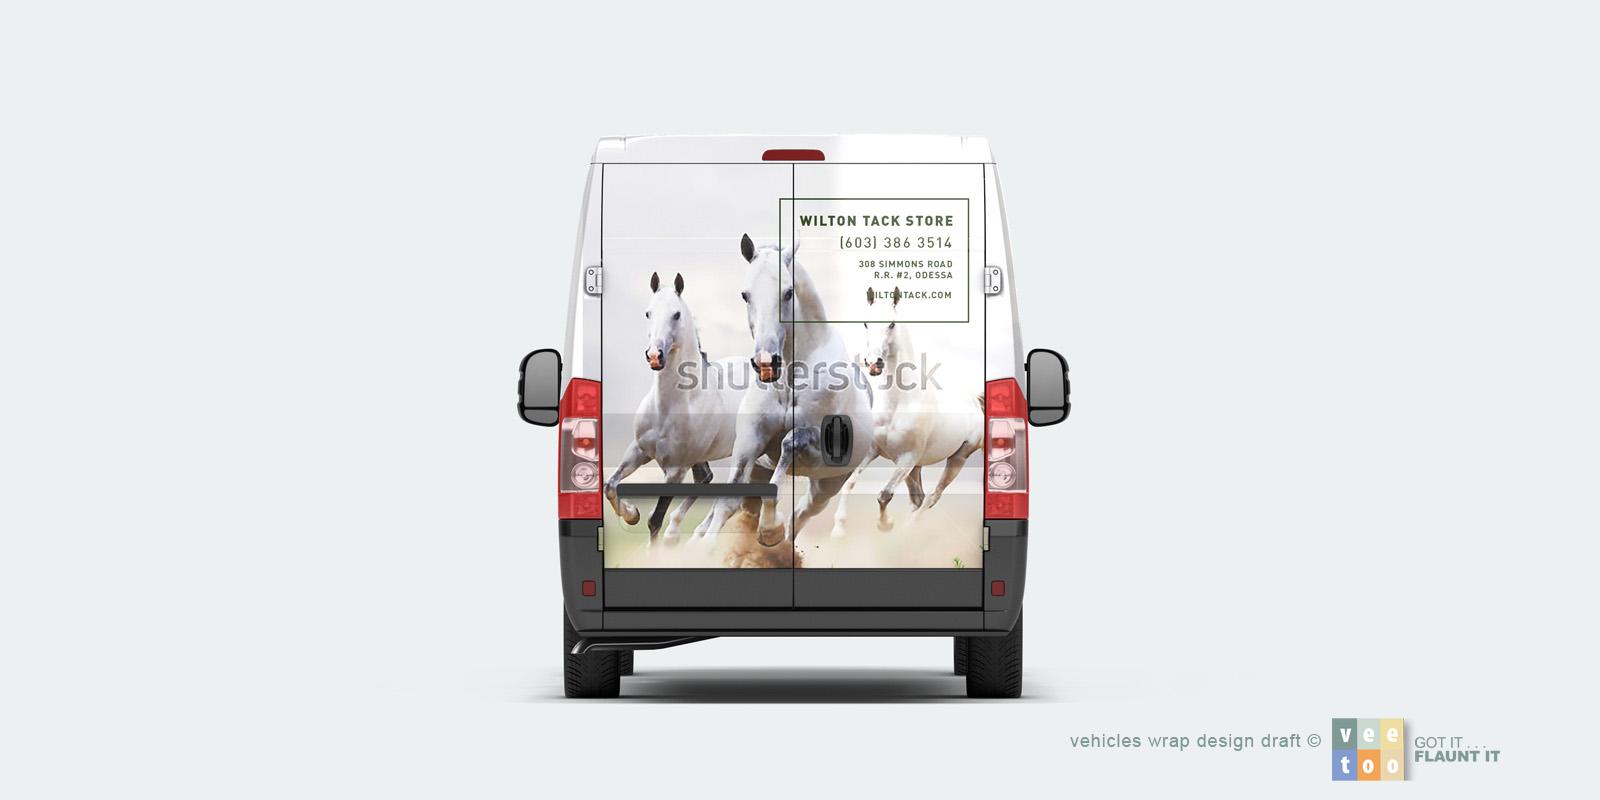 Graphic designer Belfast Northern Ireland - design 4 draft 5